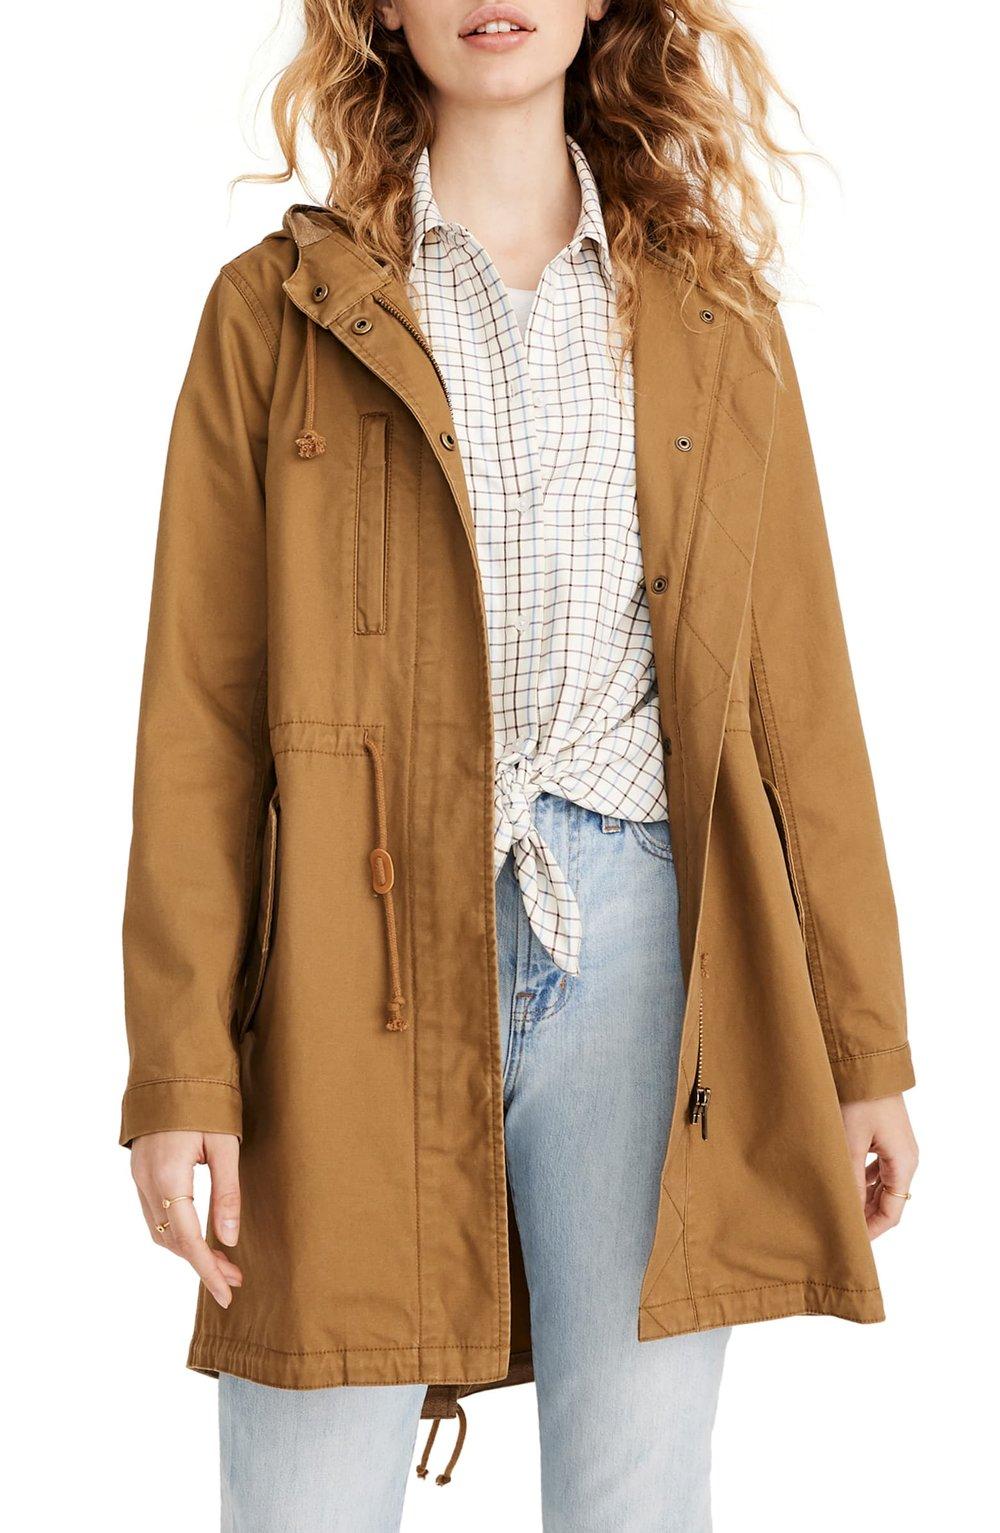 madewell jacket.jpeg